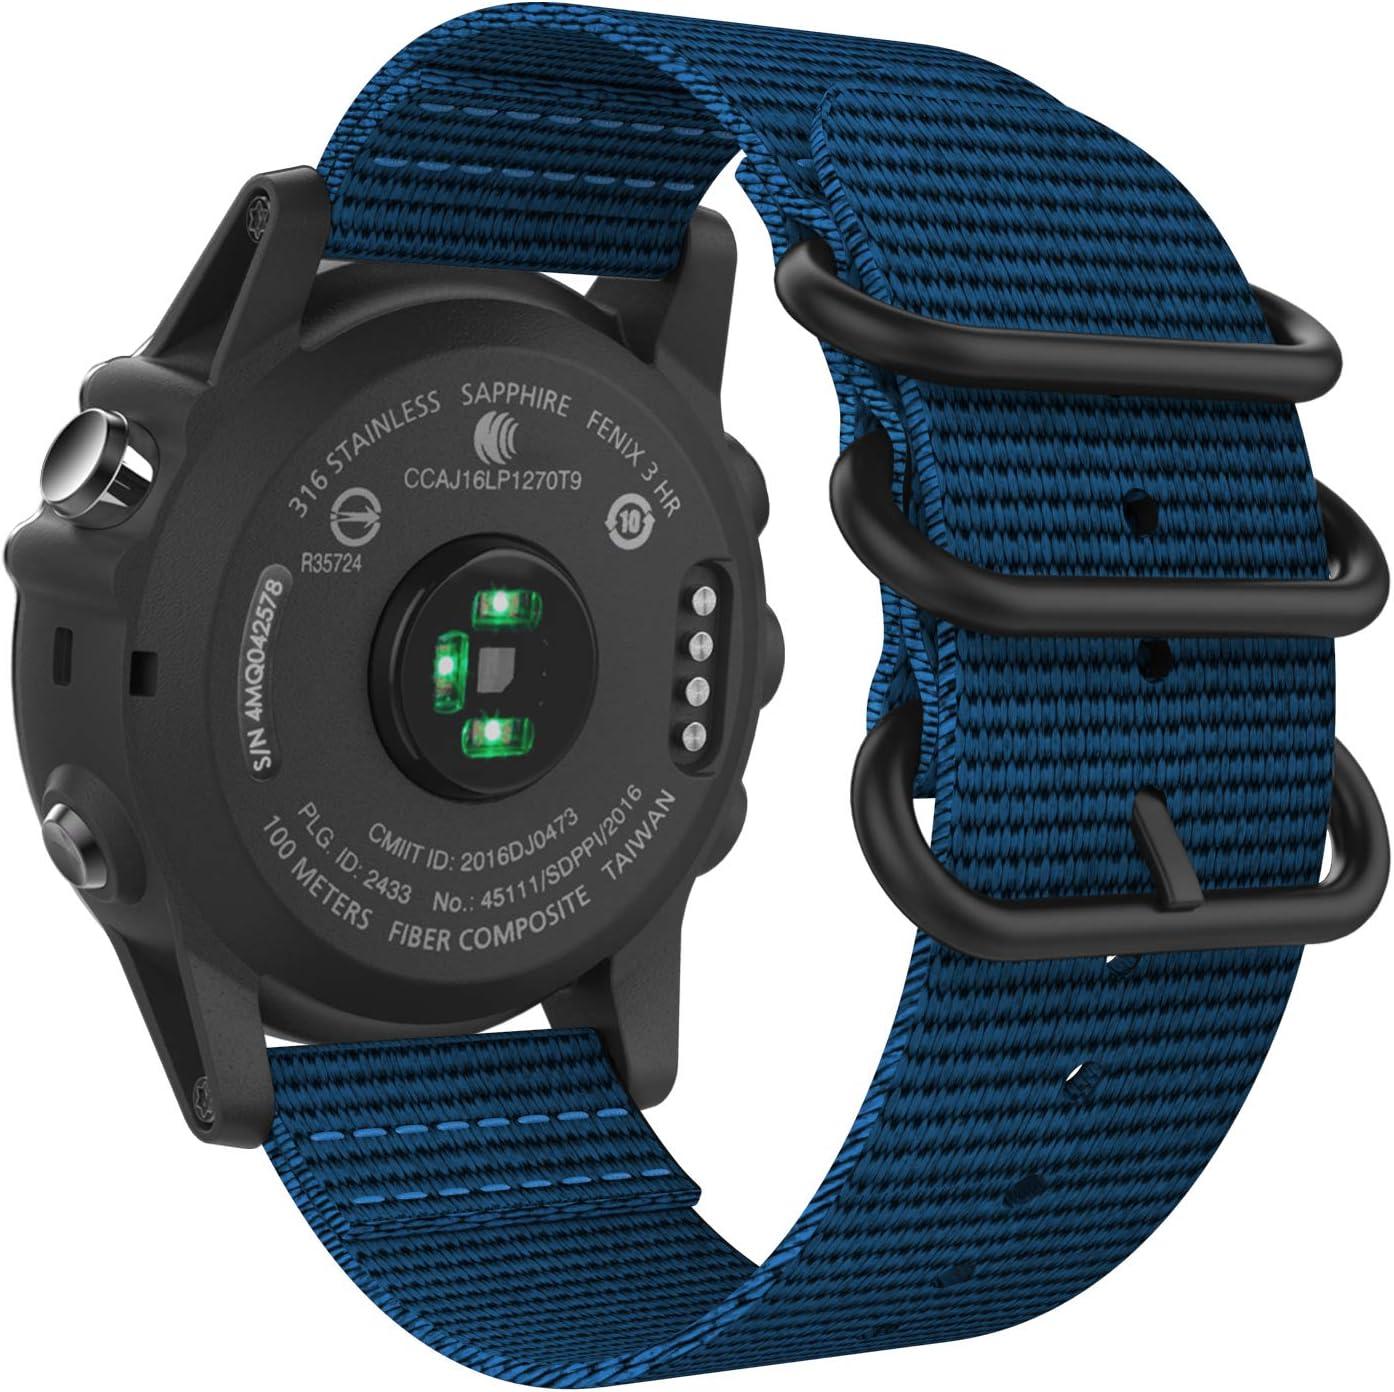 MoKo Band Compatible with Garmin Fenix 6X/Fenix 6X Pro/Fenix 3/Fenix 3 HR/Fenix 5X/5X Plus/D2 Delta PX/Descent mk1, Fine Woven Nylon Adjustable Replacement Strap with Double Buckle Ring - Royal Blue